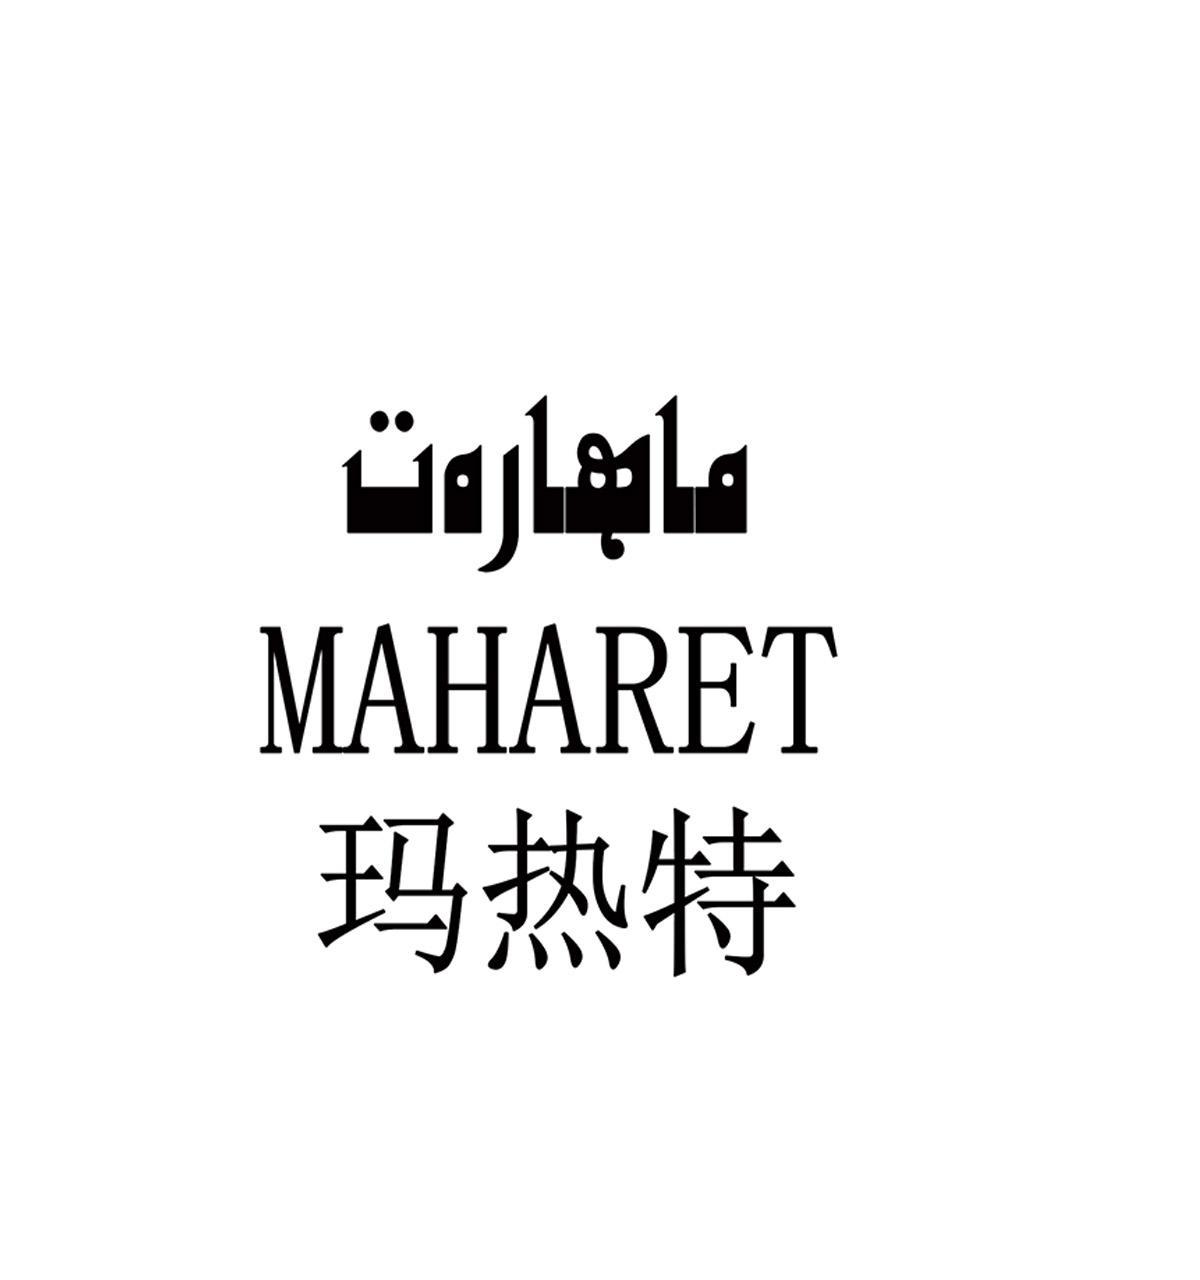 商标文字玛热特 MAHARET商标注册号 32921866、商标申请人阿力甫·卡德尔的商标详情 - 标库网商标查询